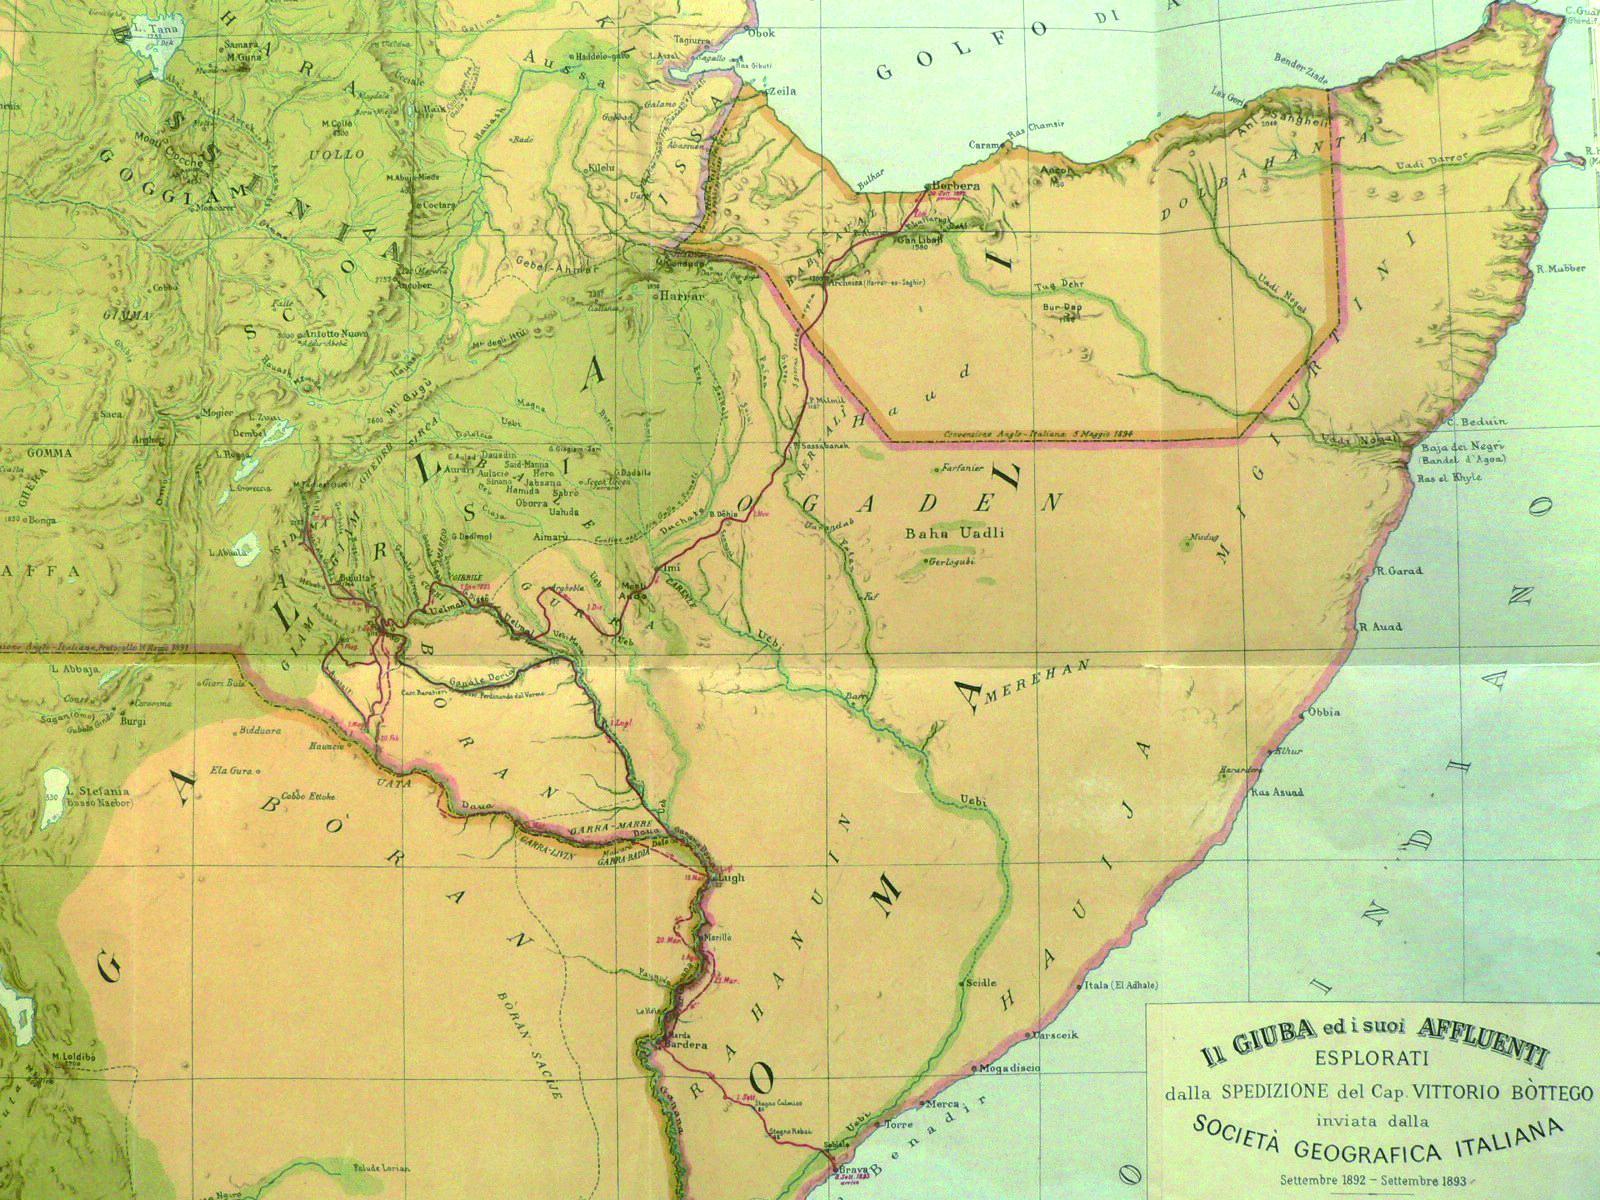 Russia Northern Eurasia Map Quiz%0A Mappa della Societ   geografica italiana con l u    itinerario della spedizione  in Somalia di Vittorio Bottego